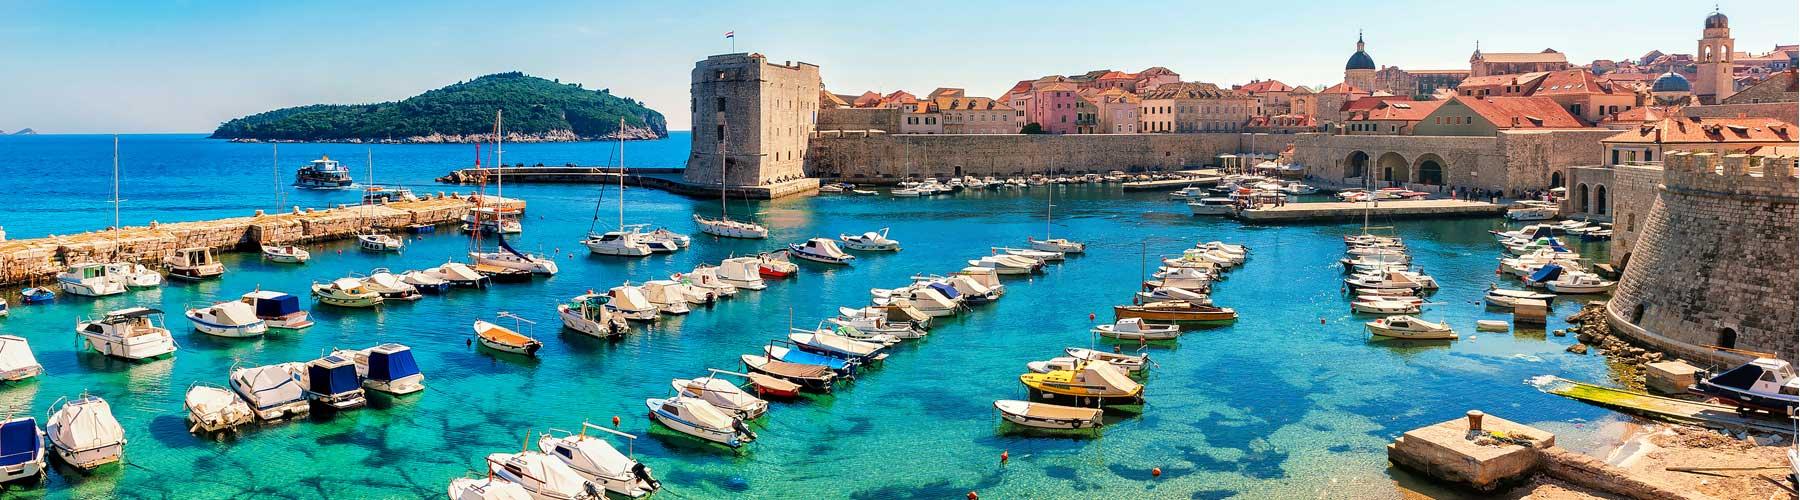 Dubrovnik reisgids | Info, bezienswaardigheden en city trips